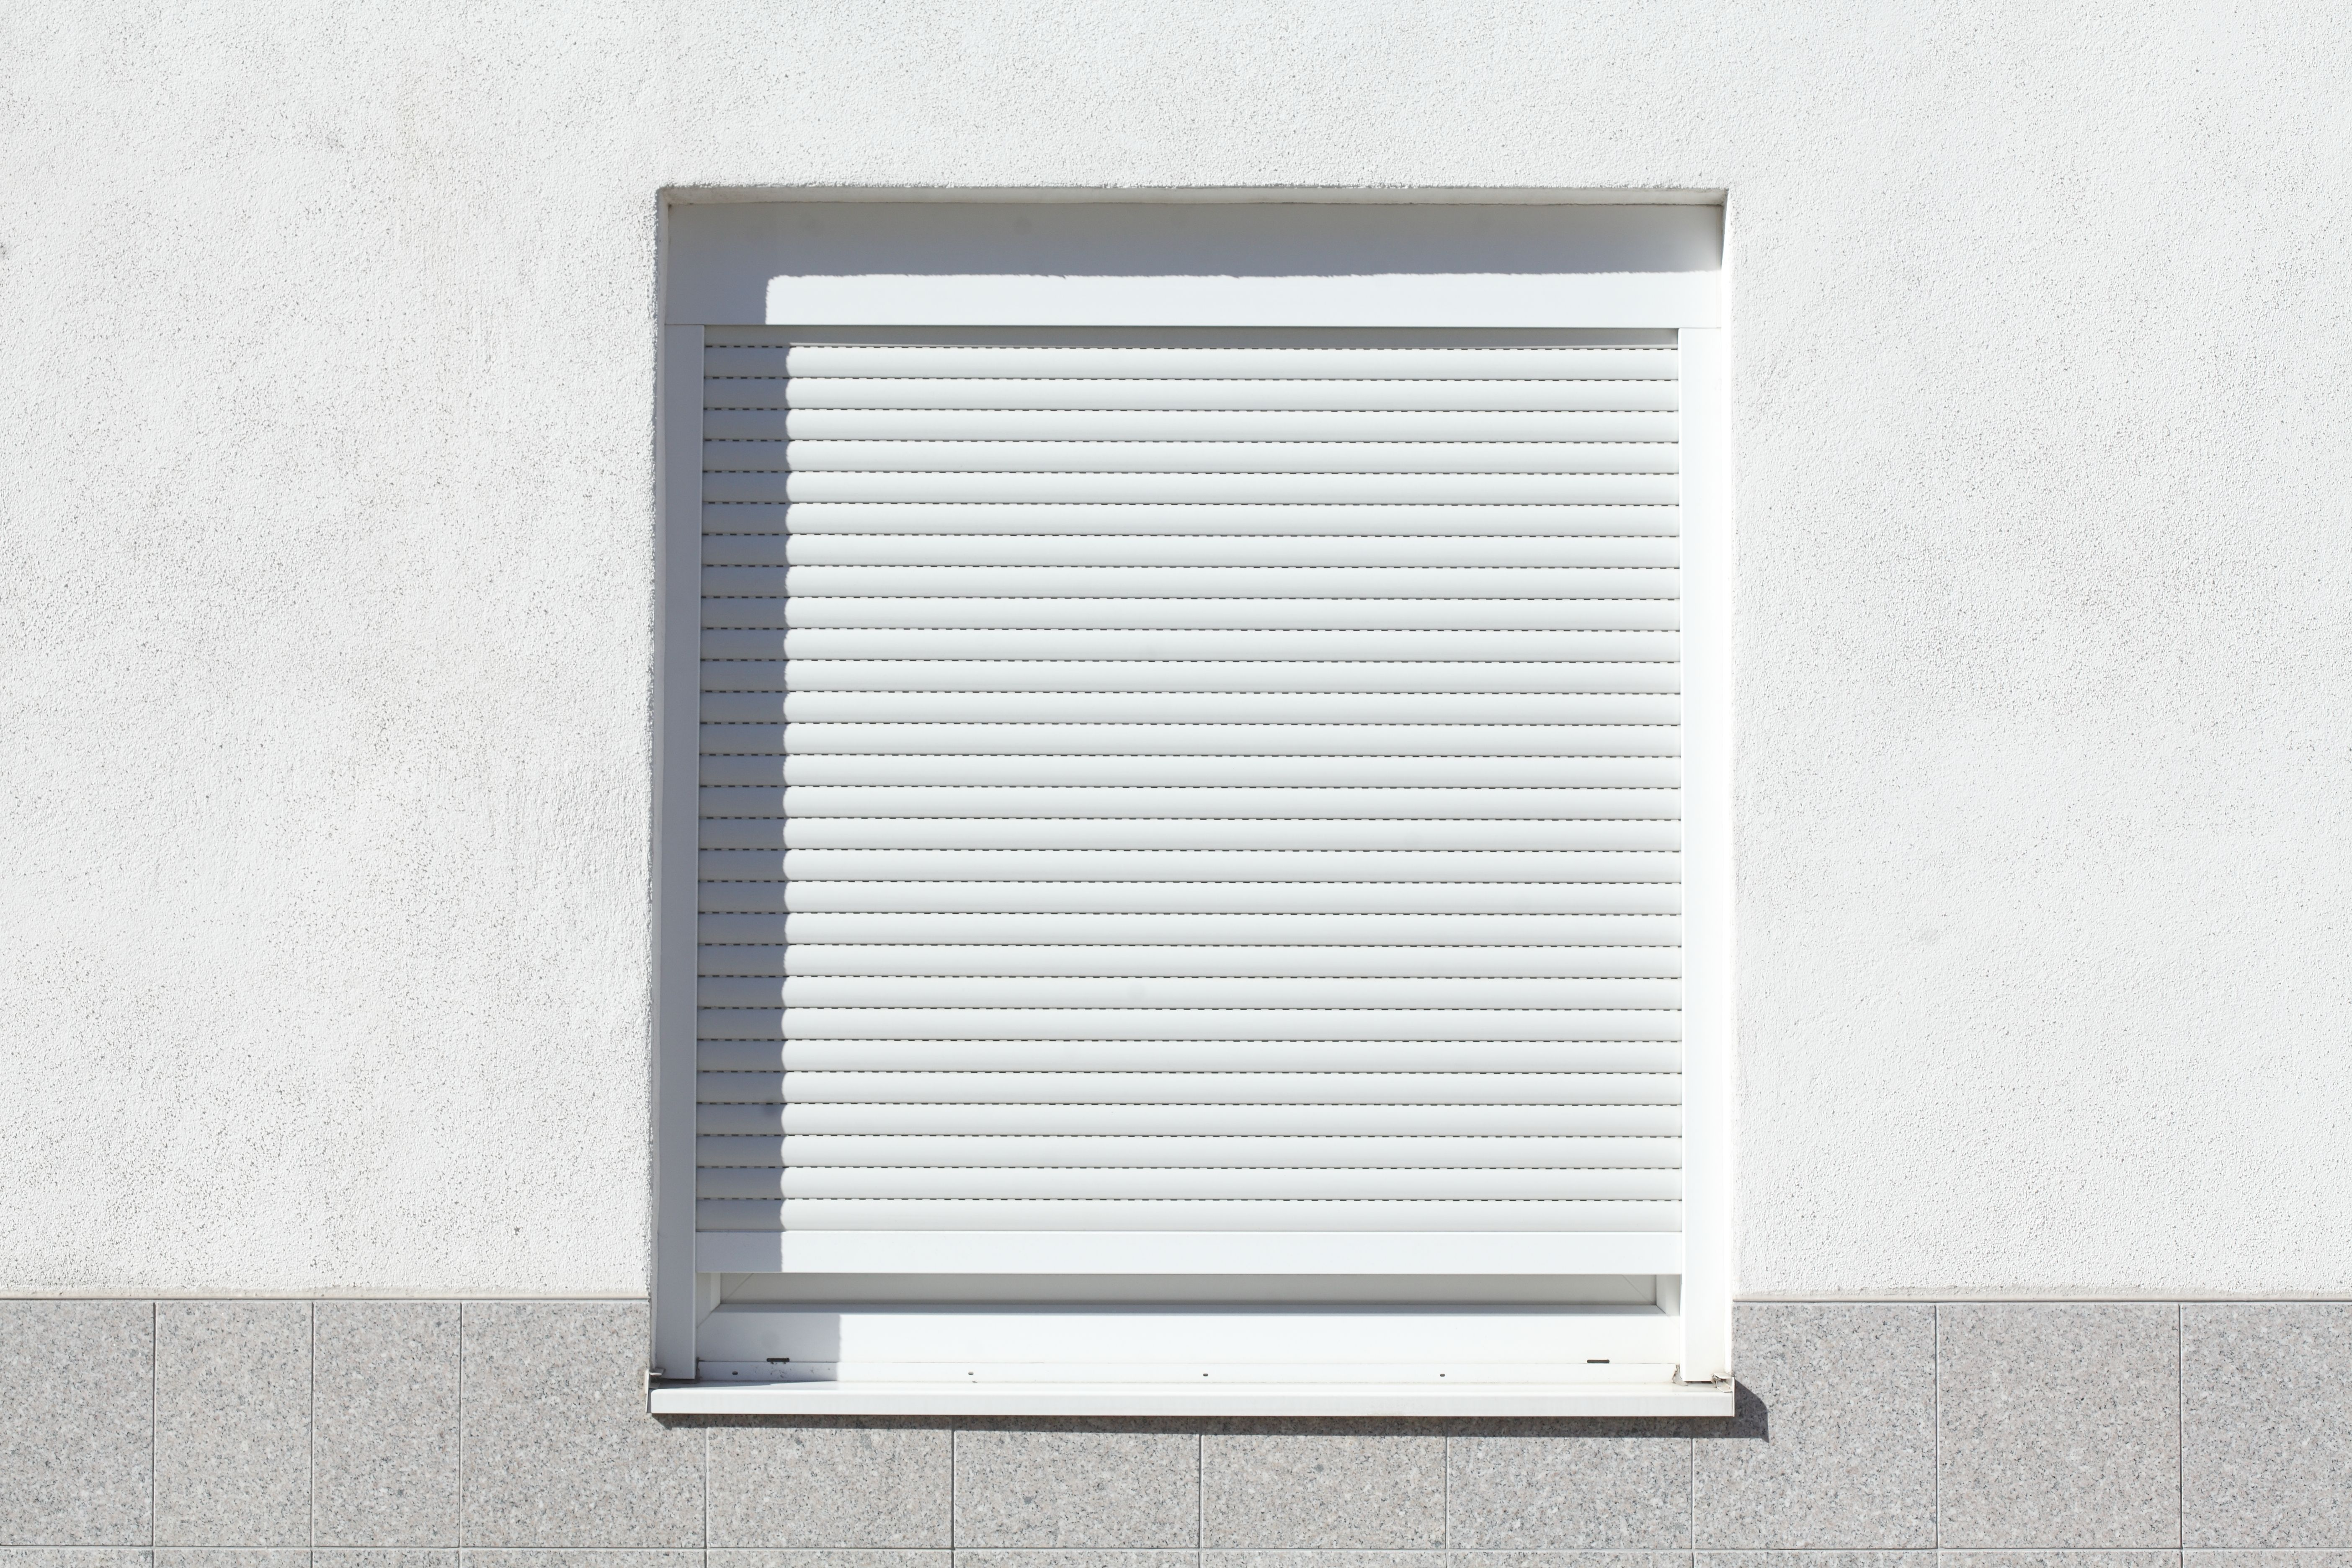 Instaladores de persianas tanto para viviendas como locales